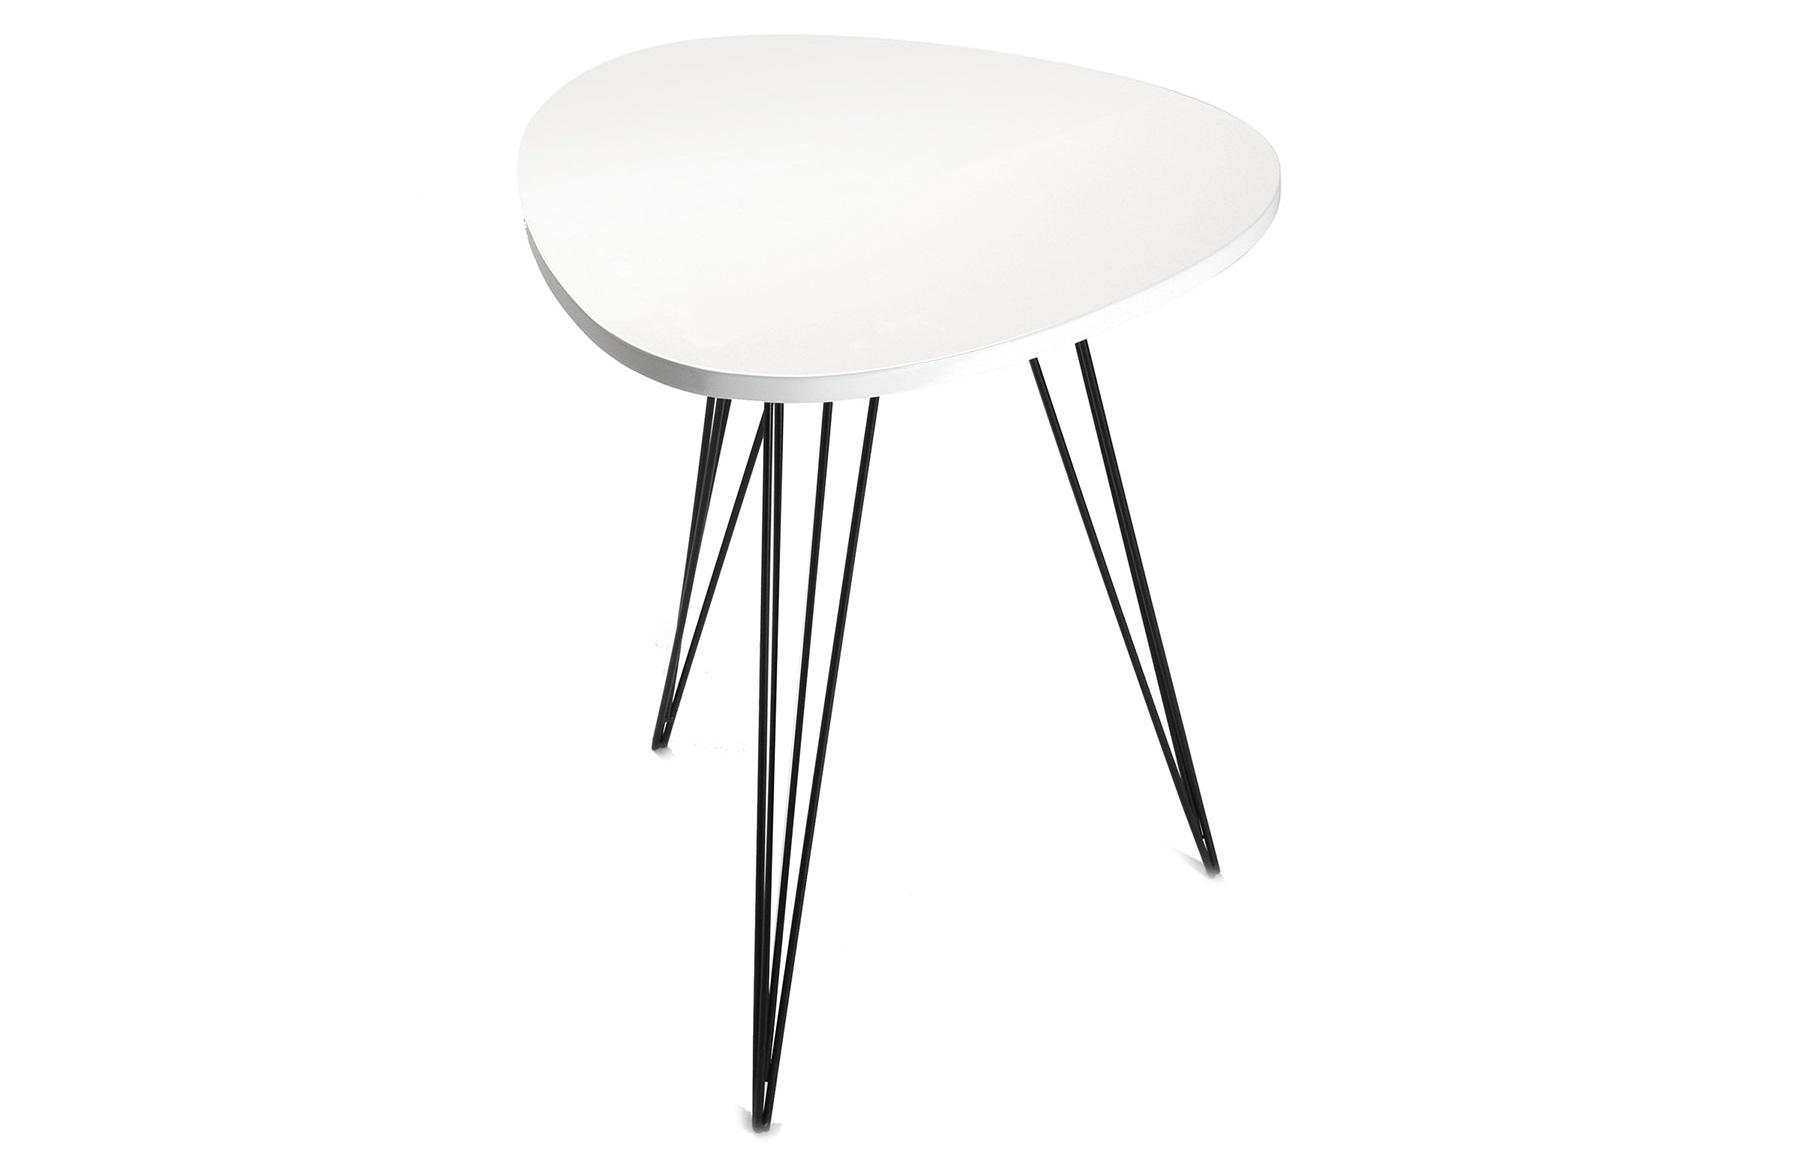 Столик SeatleКофейные столики<br><br><br>Material: Дерево<br>Length см: None<br>Width см: 60<br>Depth см: 50<br>Height см: 50